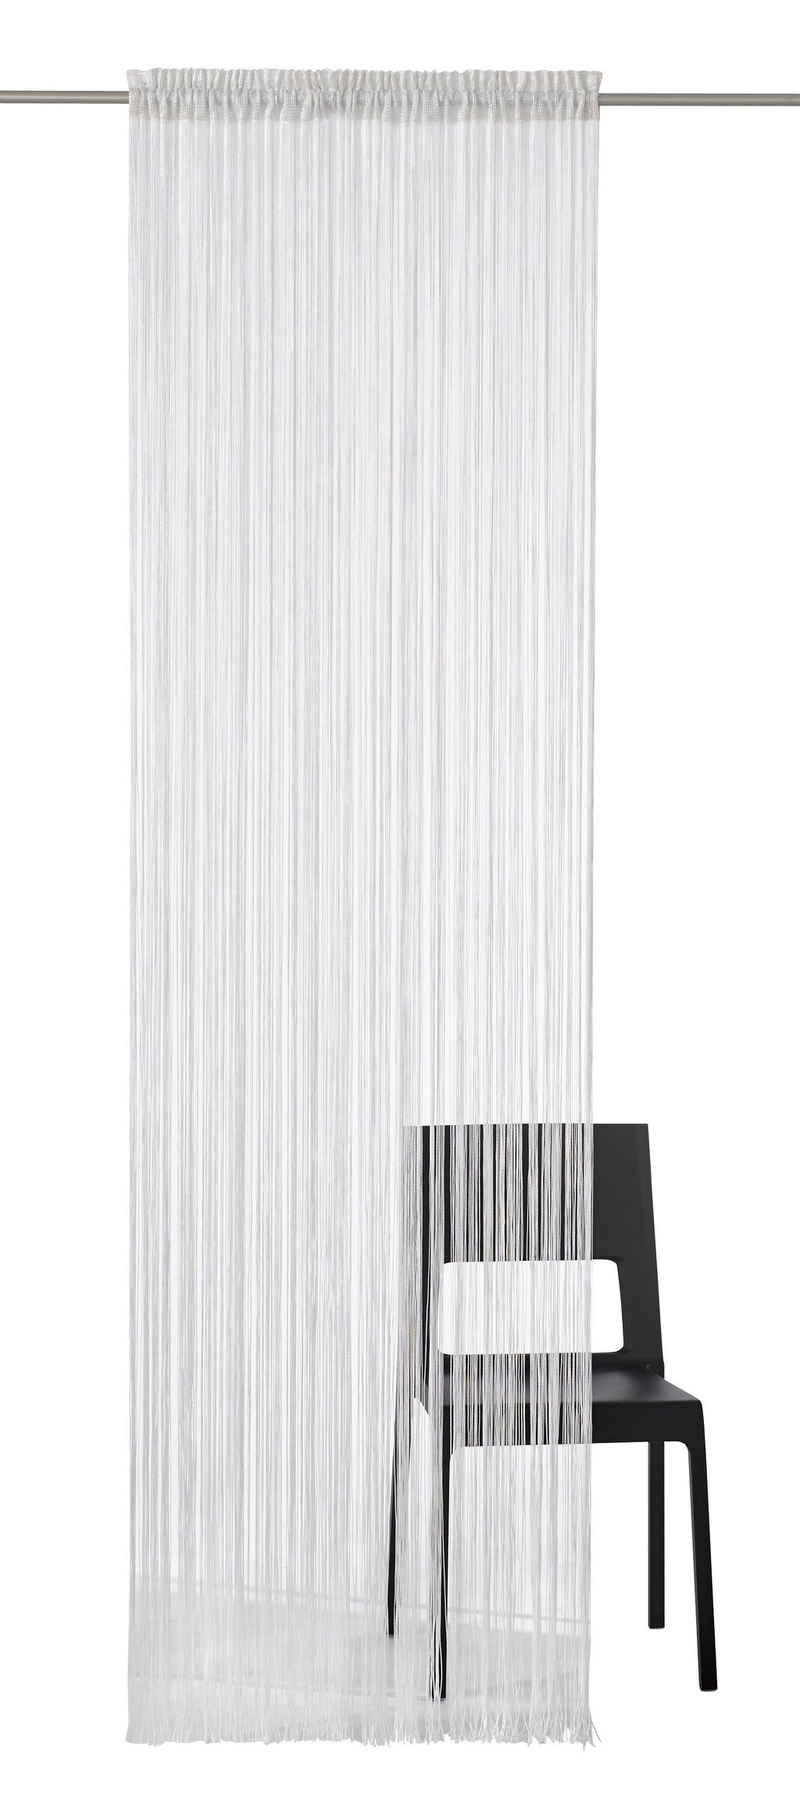 Fadenvorhang »Fao-Uni«, my home, Stangendurchzug (1 Stück)